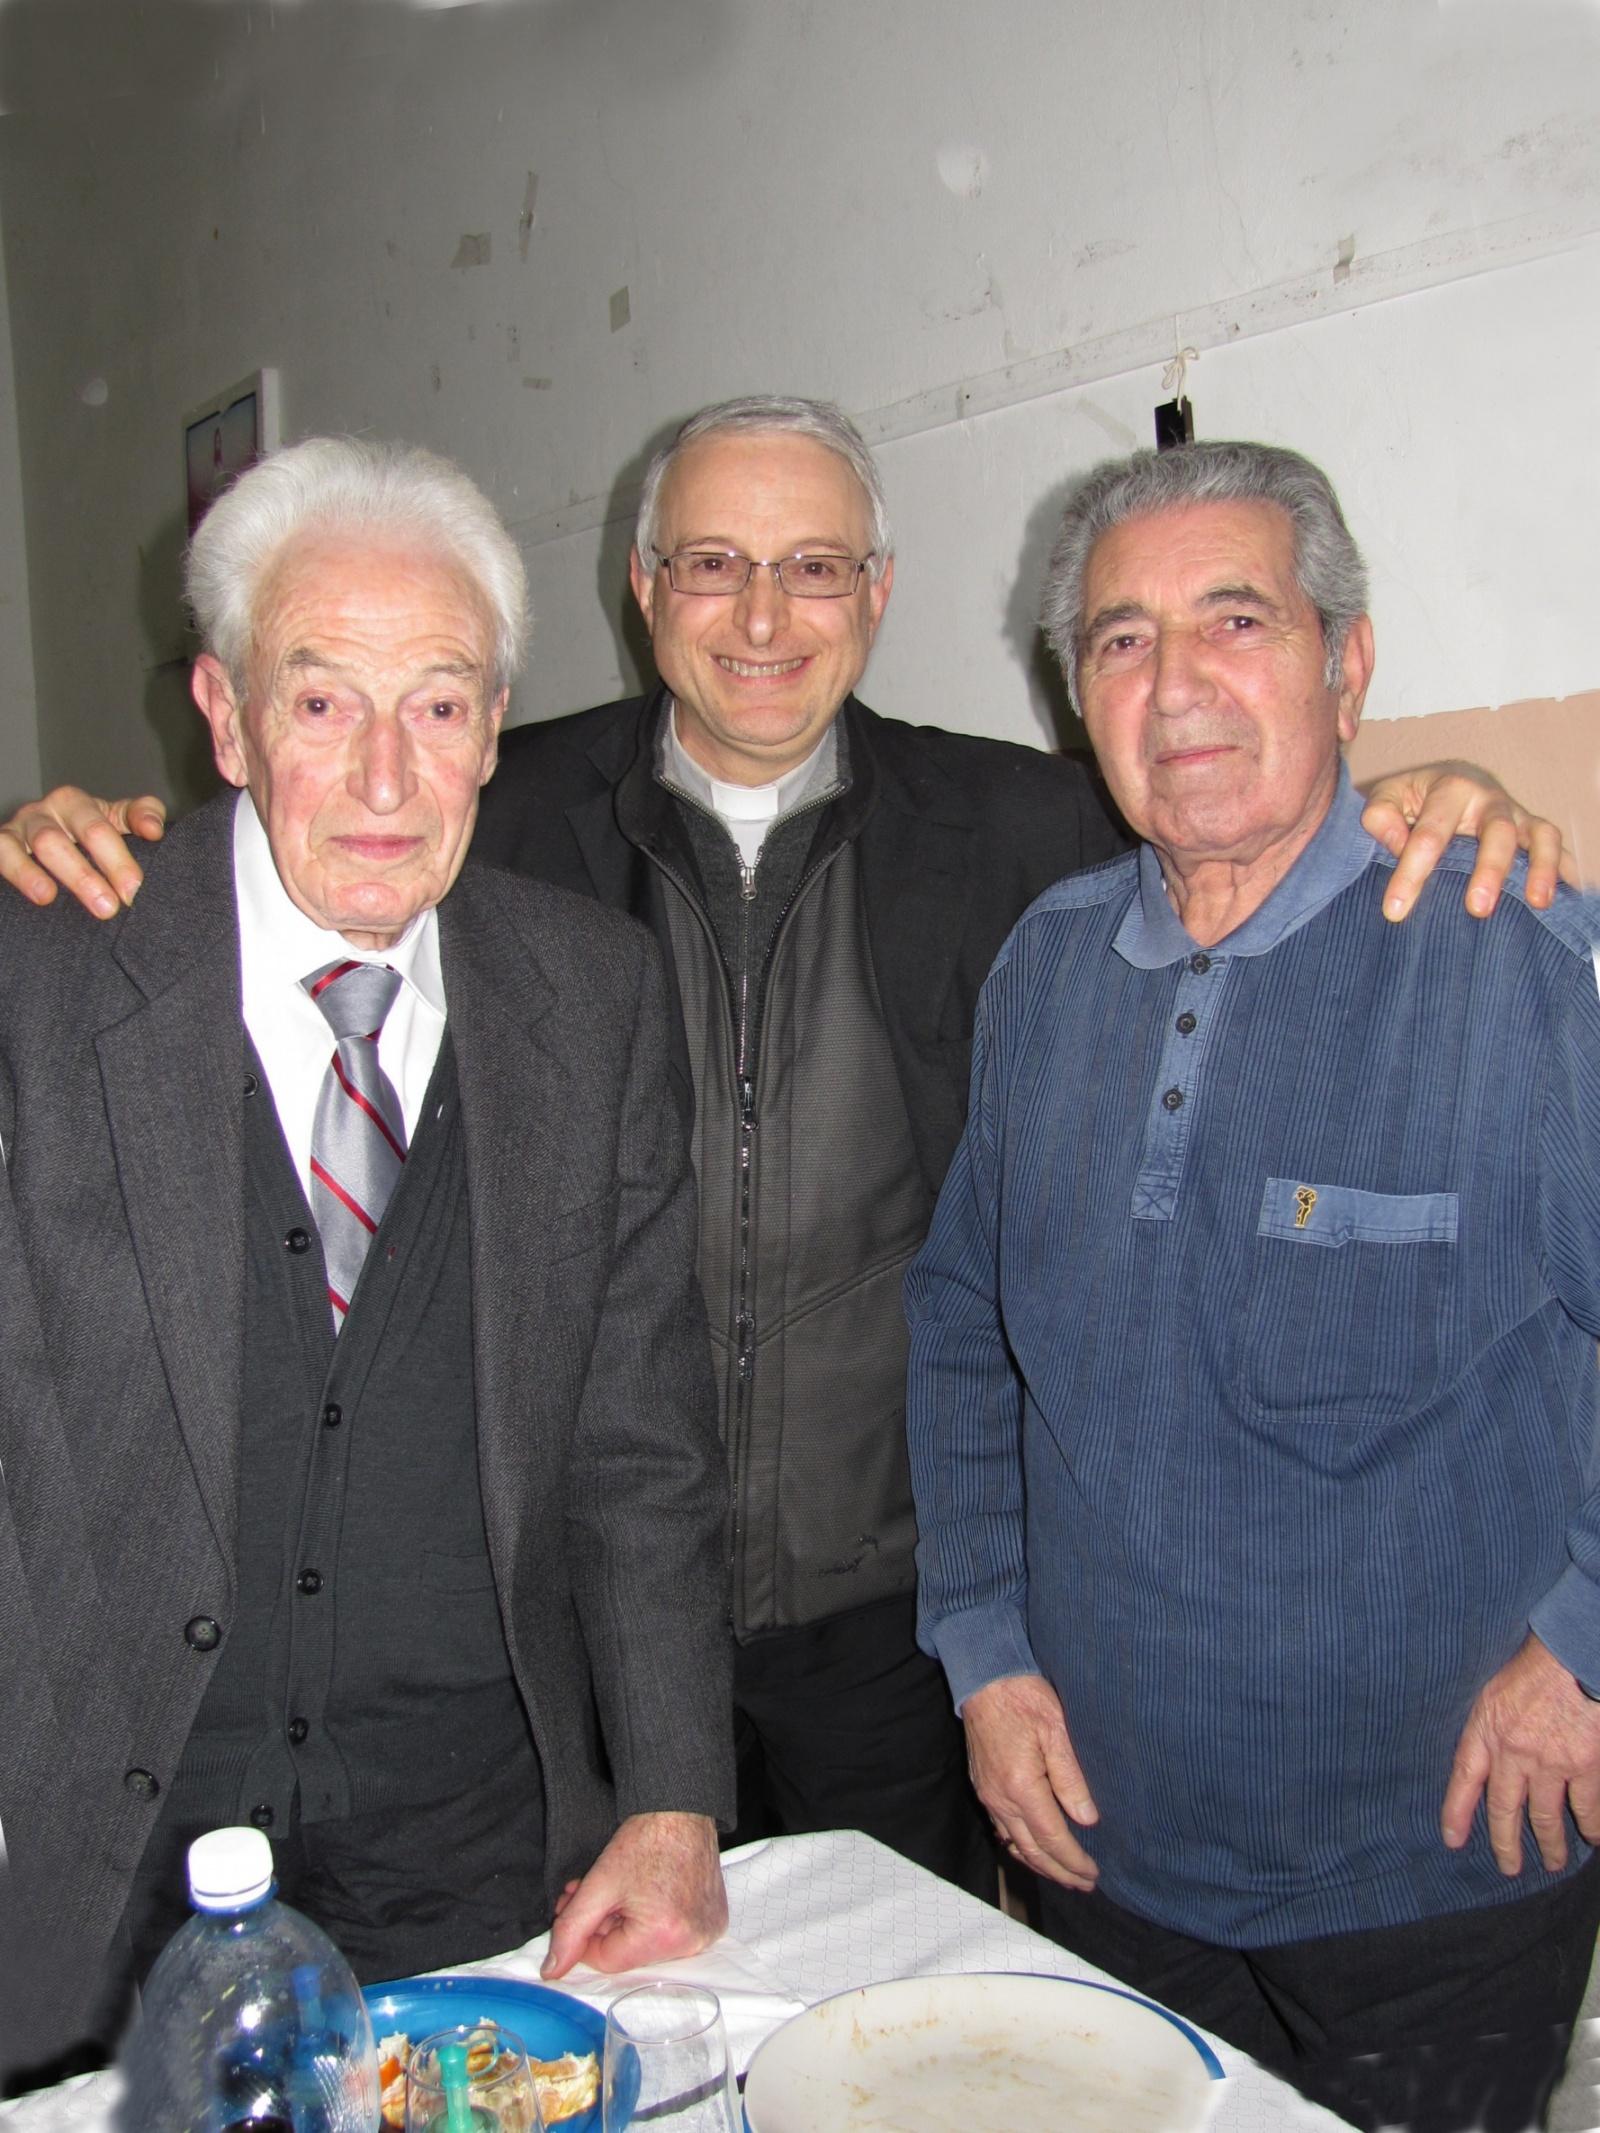 cenone_capodanno_2012-12-31-22-40-11